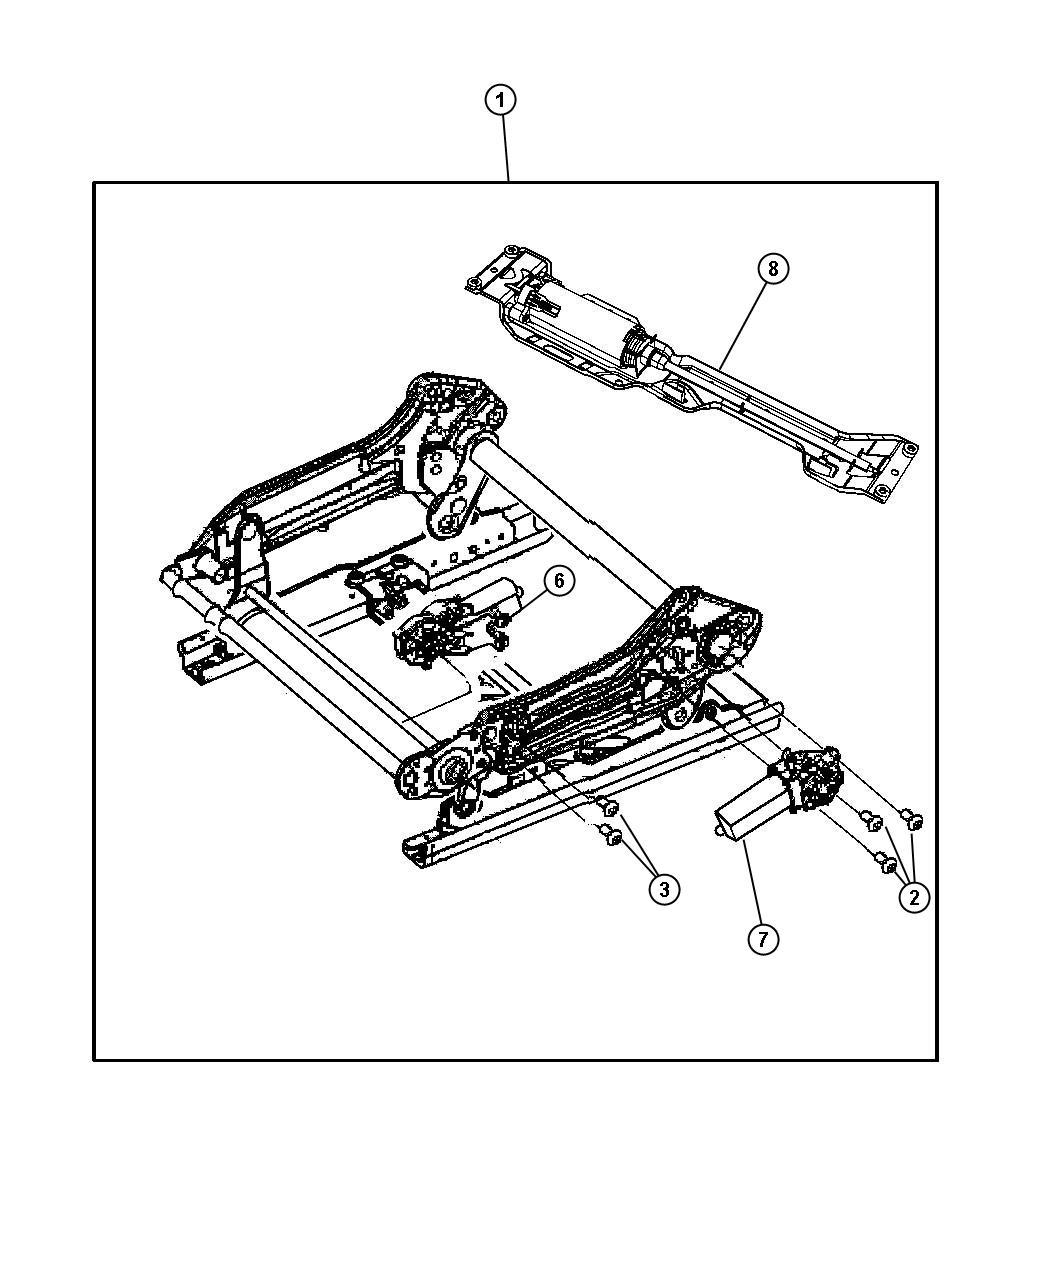 Chrysler Aspen Screw Seat Tilt Motor Trim Zl